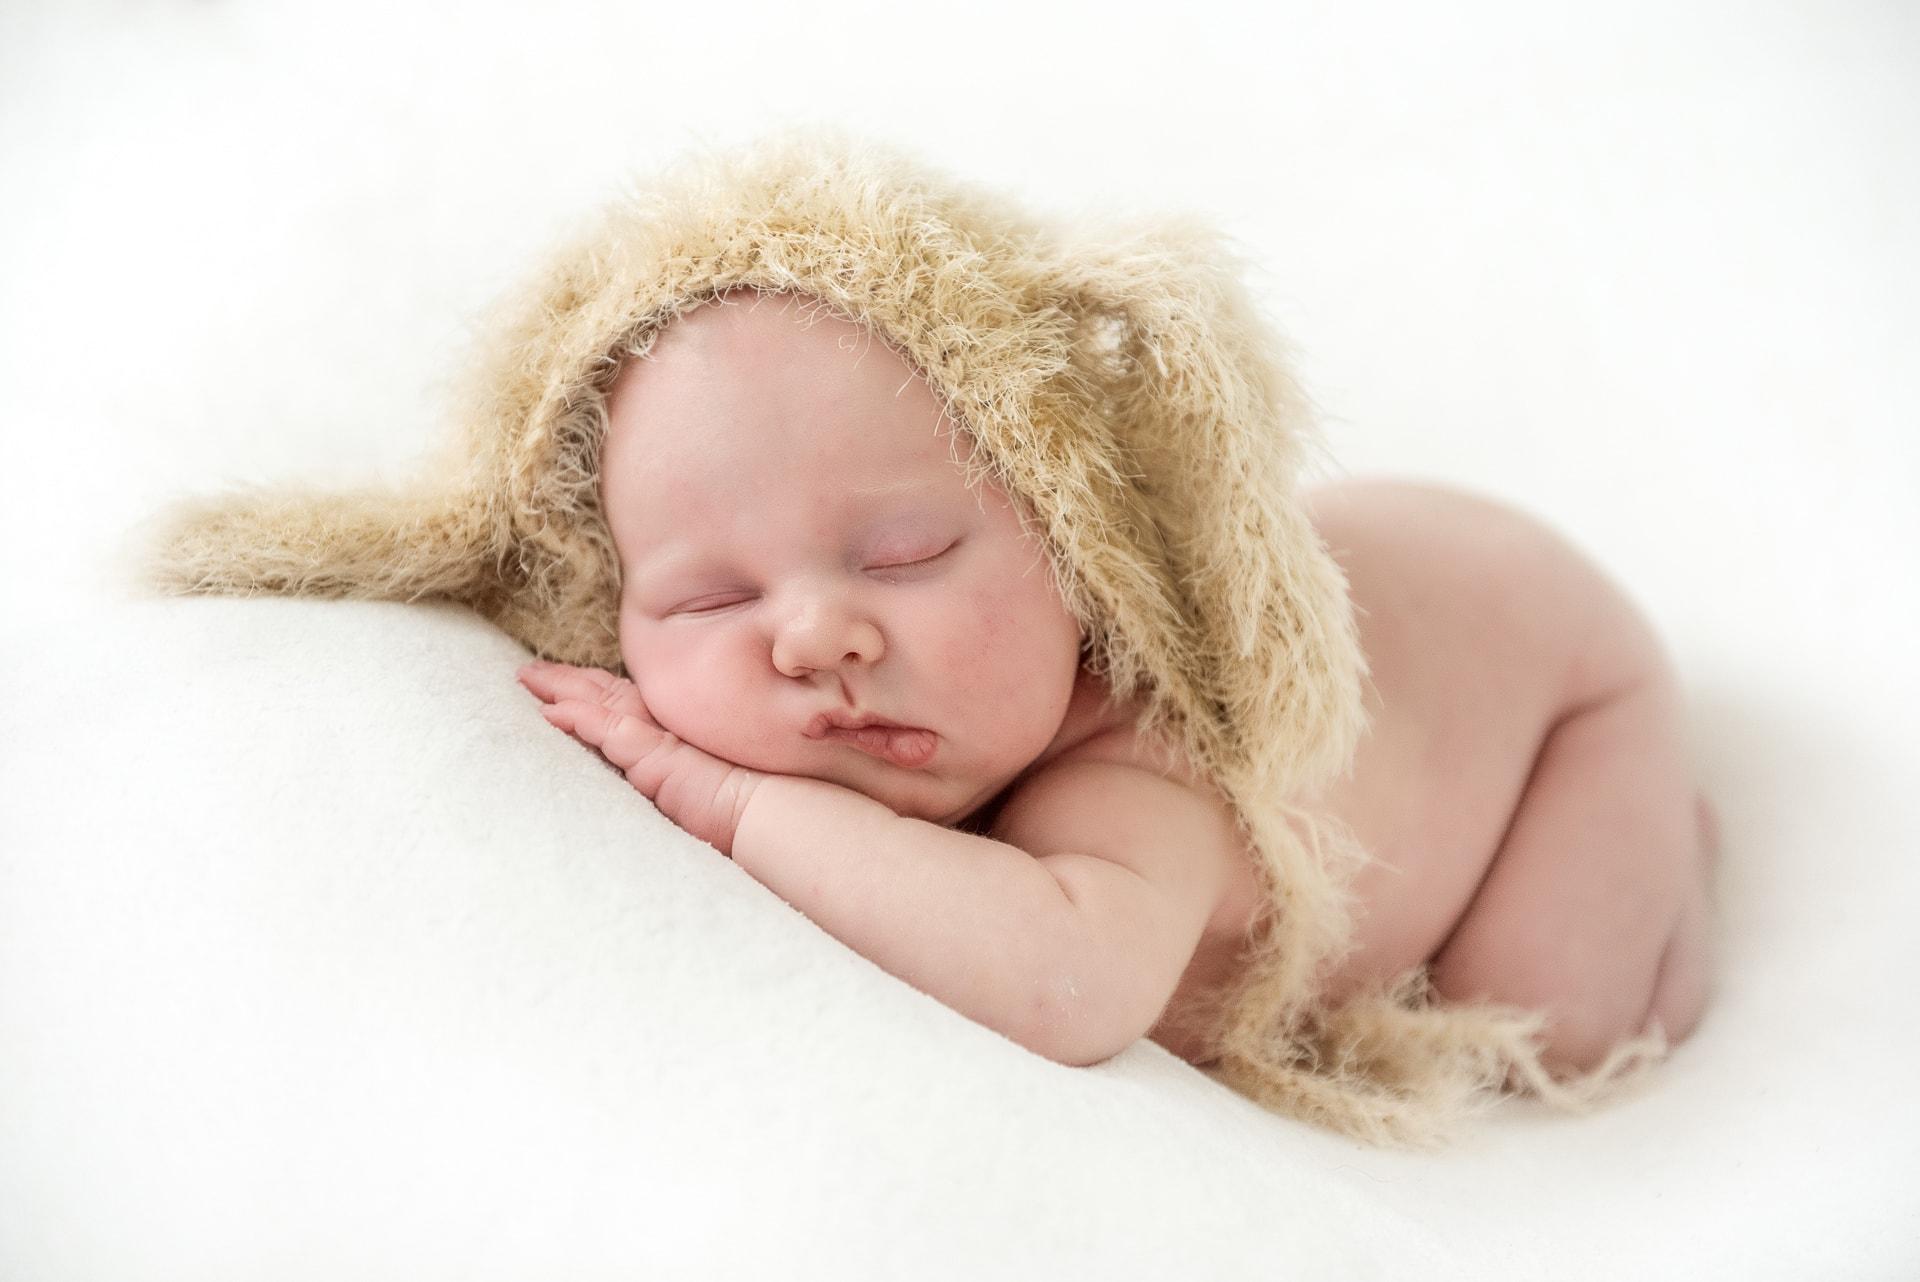 newborn is lui